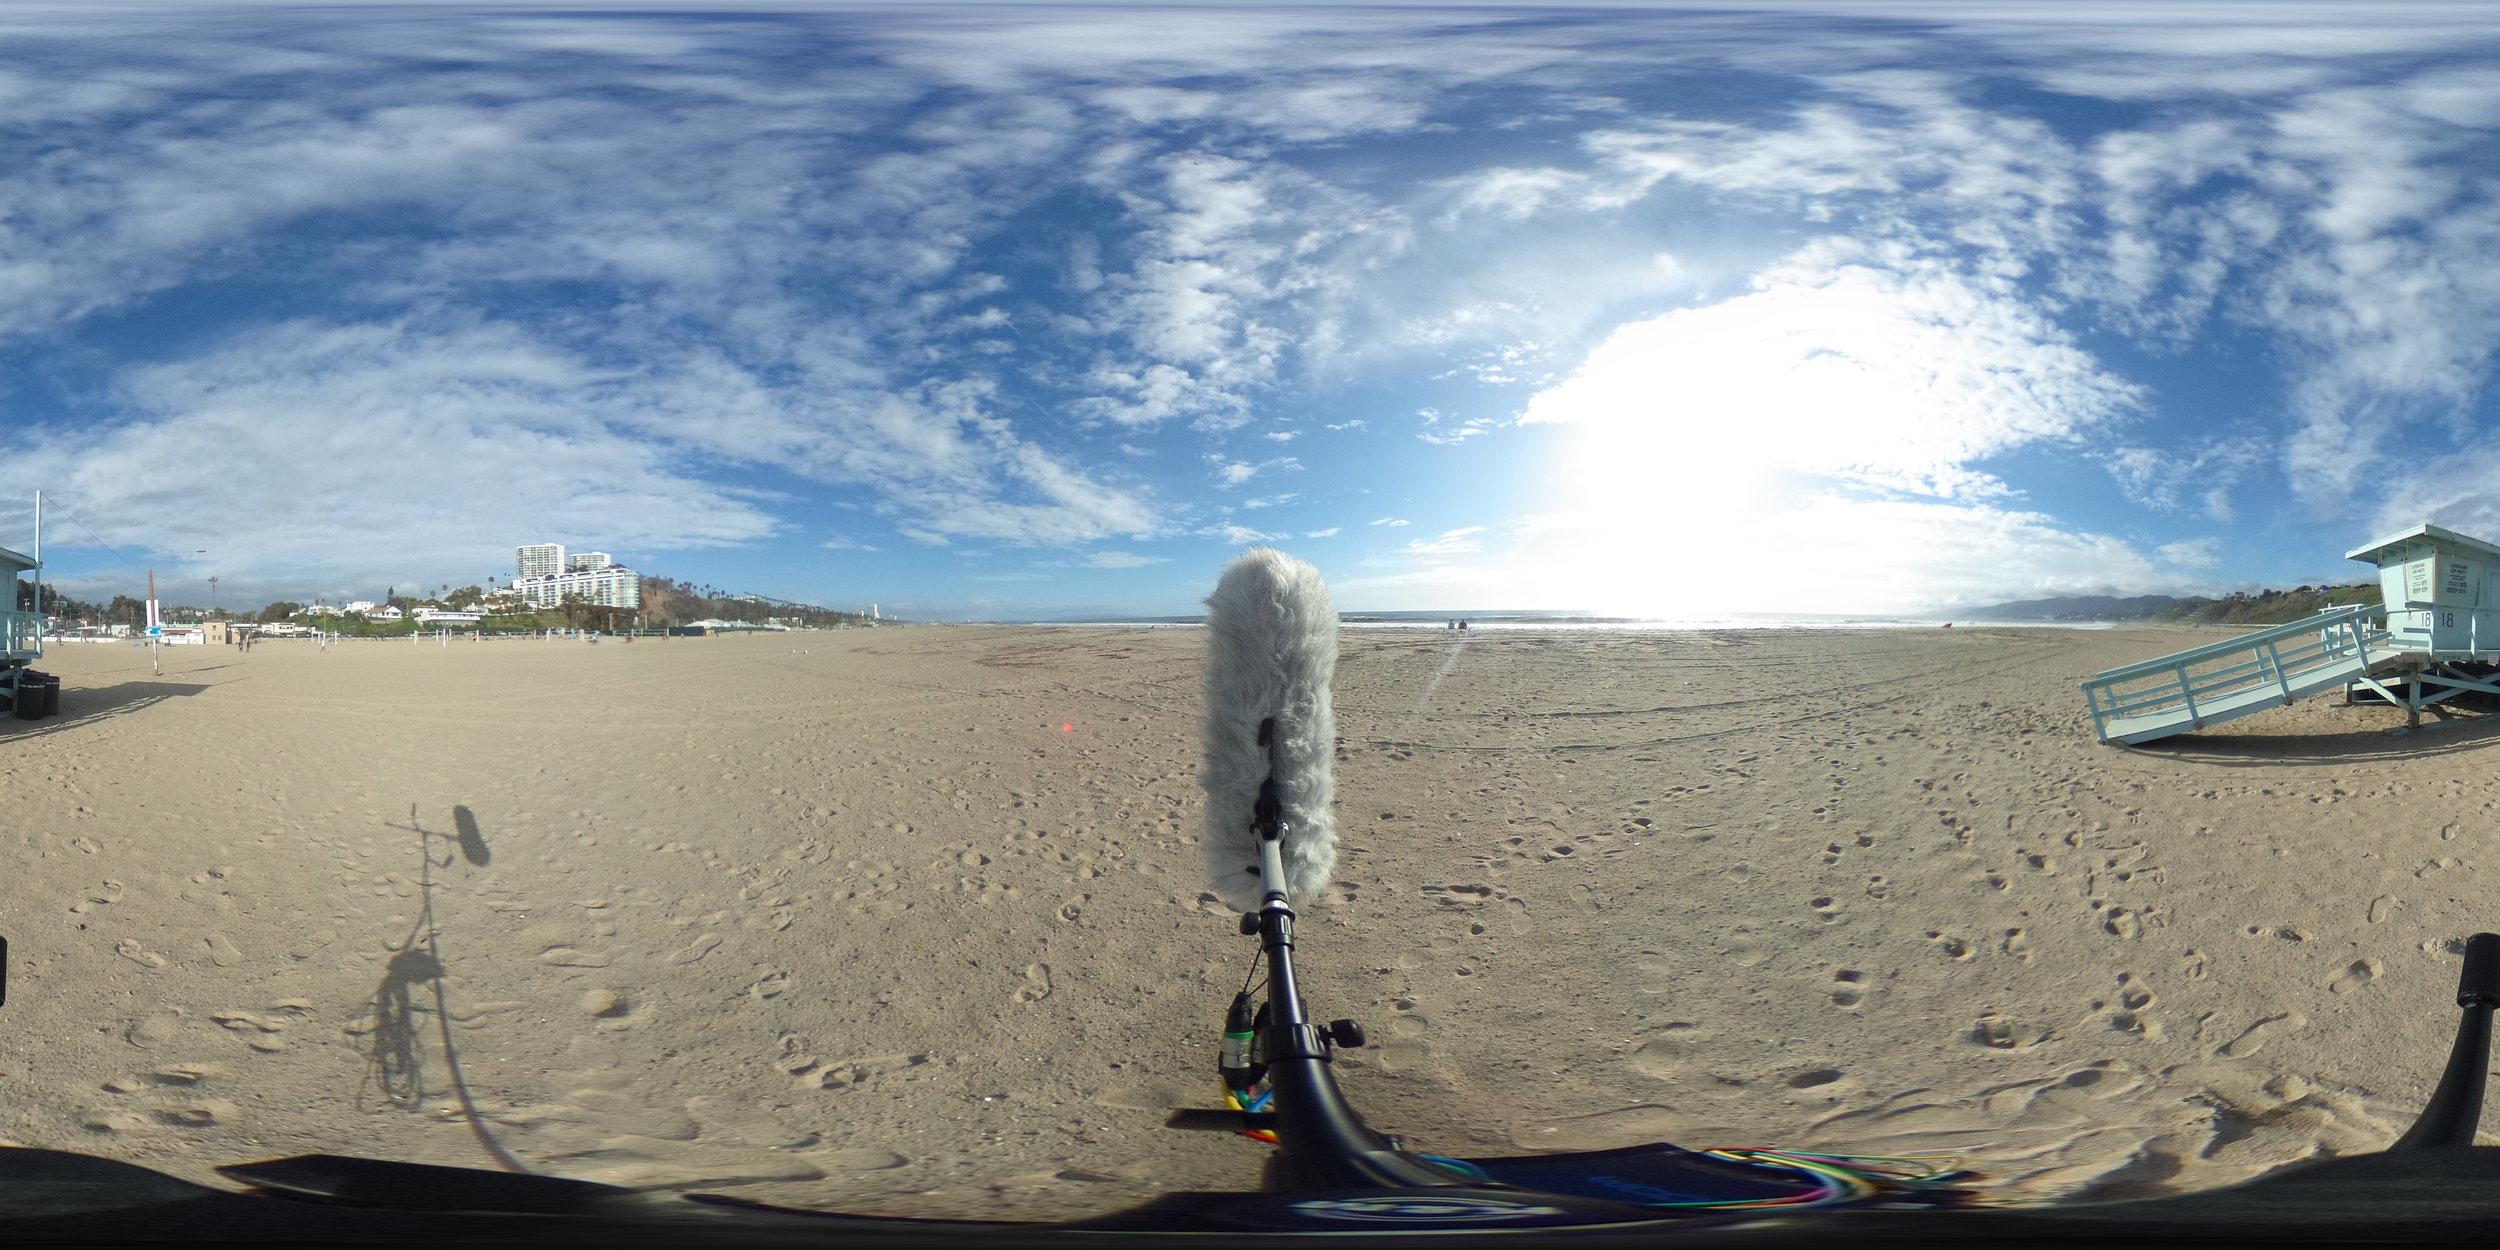 EXT_Day_Beach_OceanWaves_MediumDistance_LightWalla_JPEG.JPG